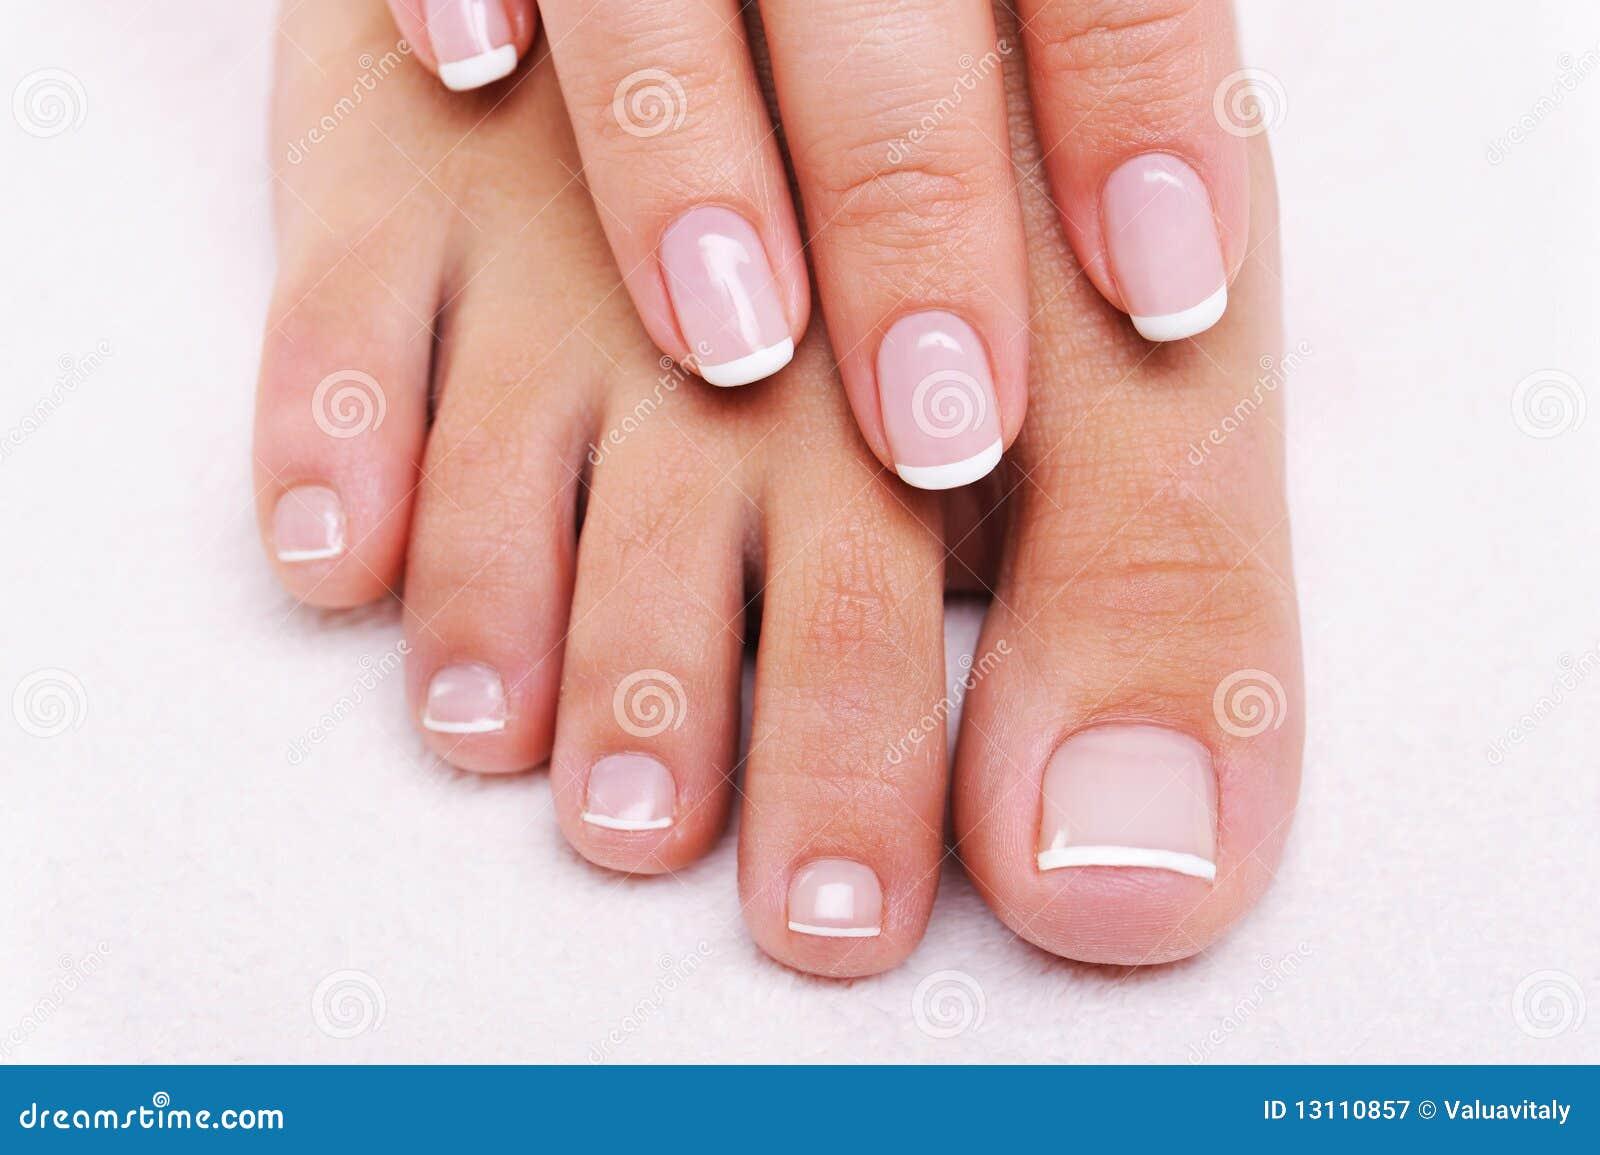 Chiodi di bellezza di una mano femminile e dei piedi